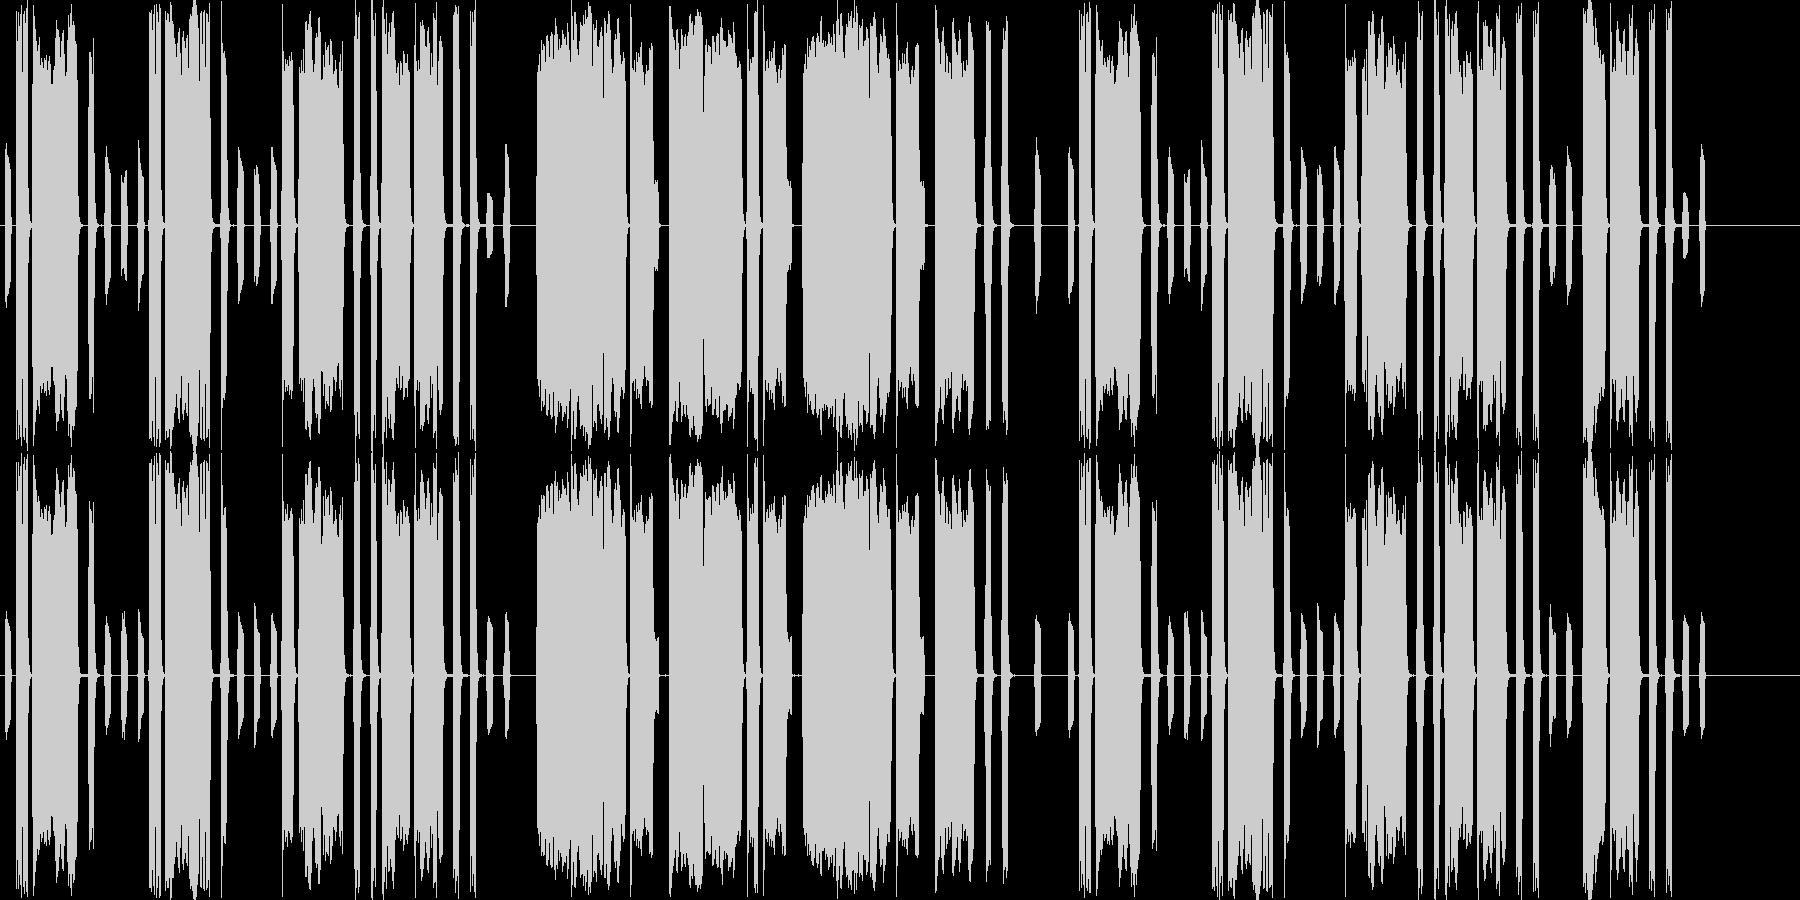 脱力系ほのぼの吹奏楽曲の未再生の波形